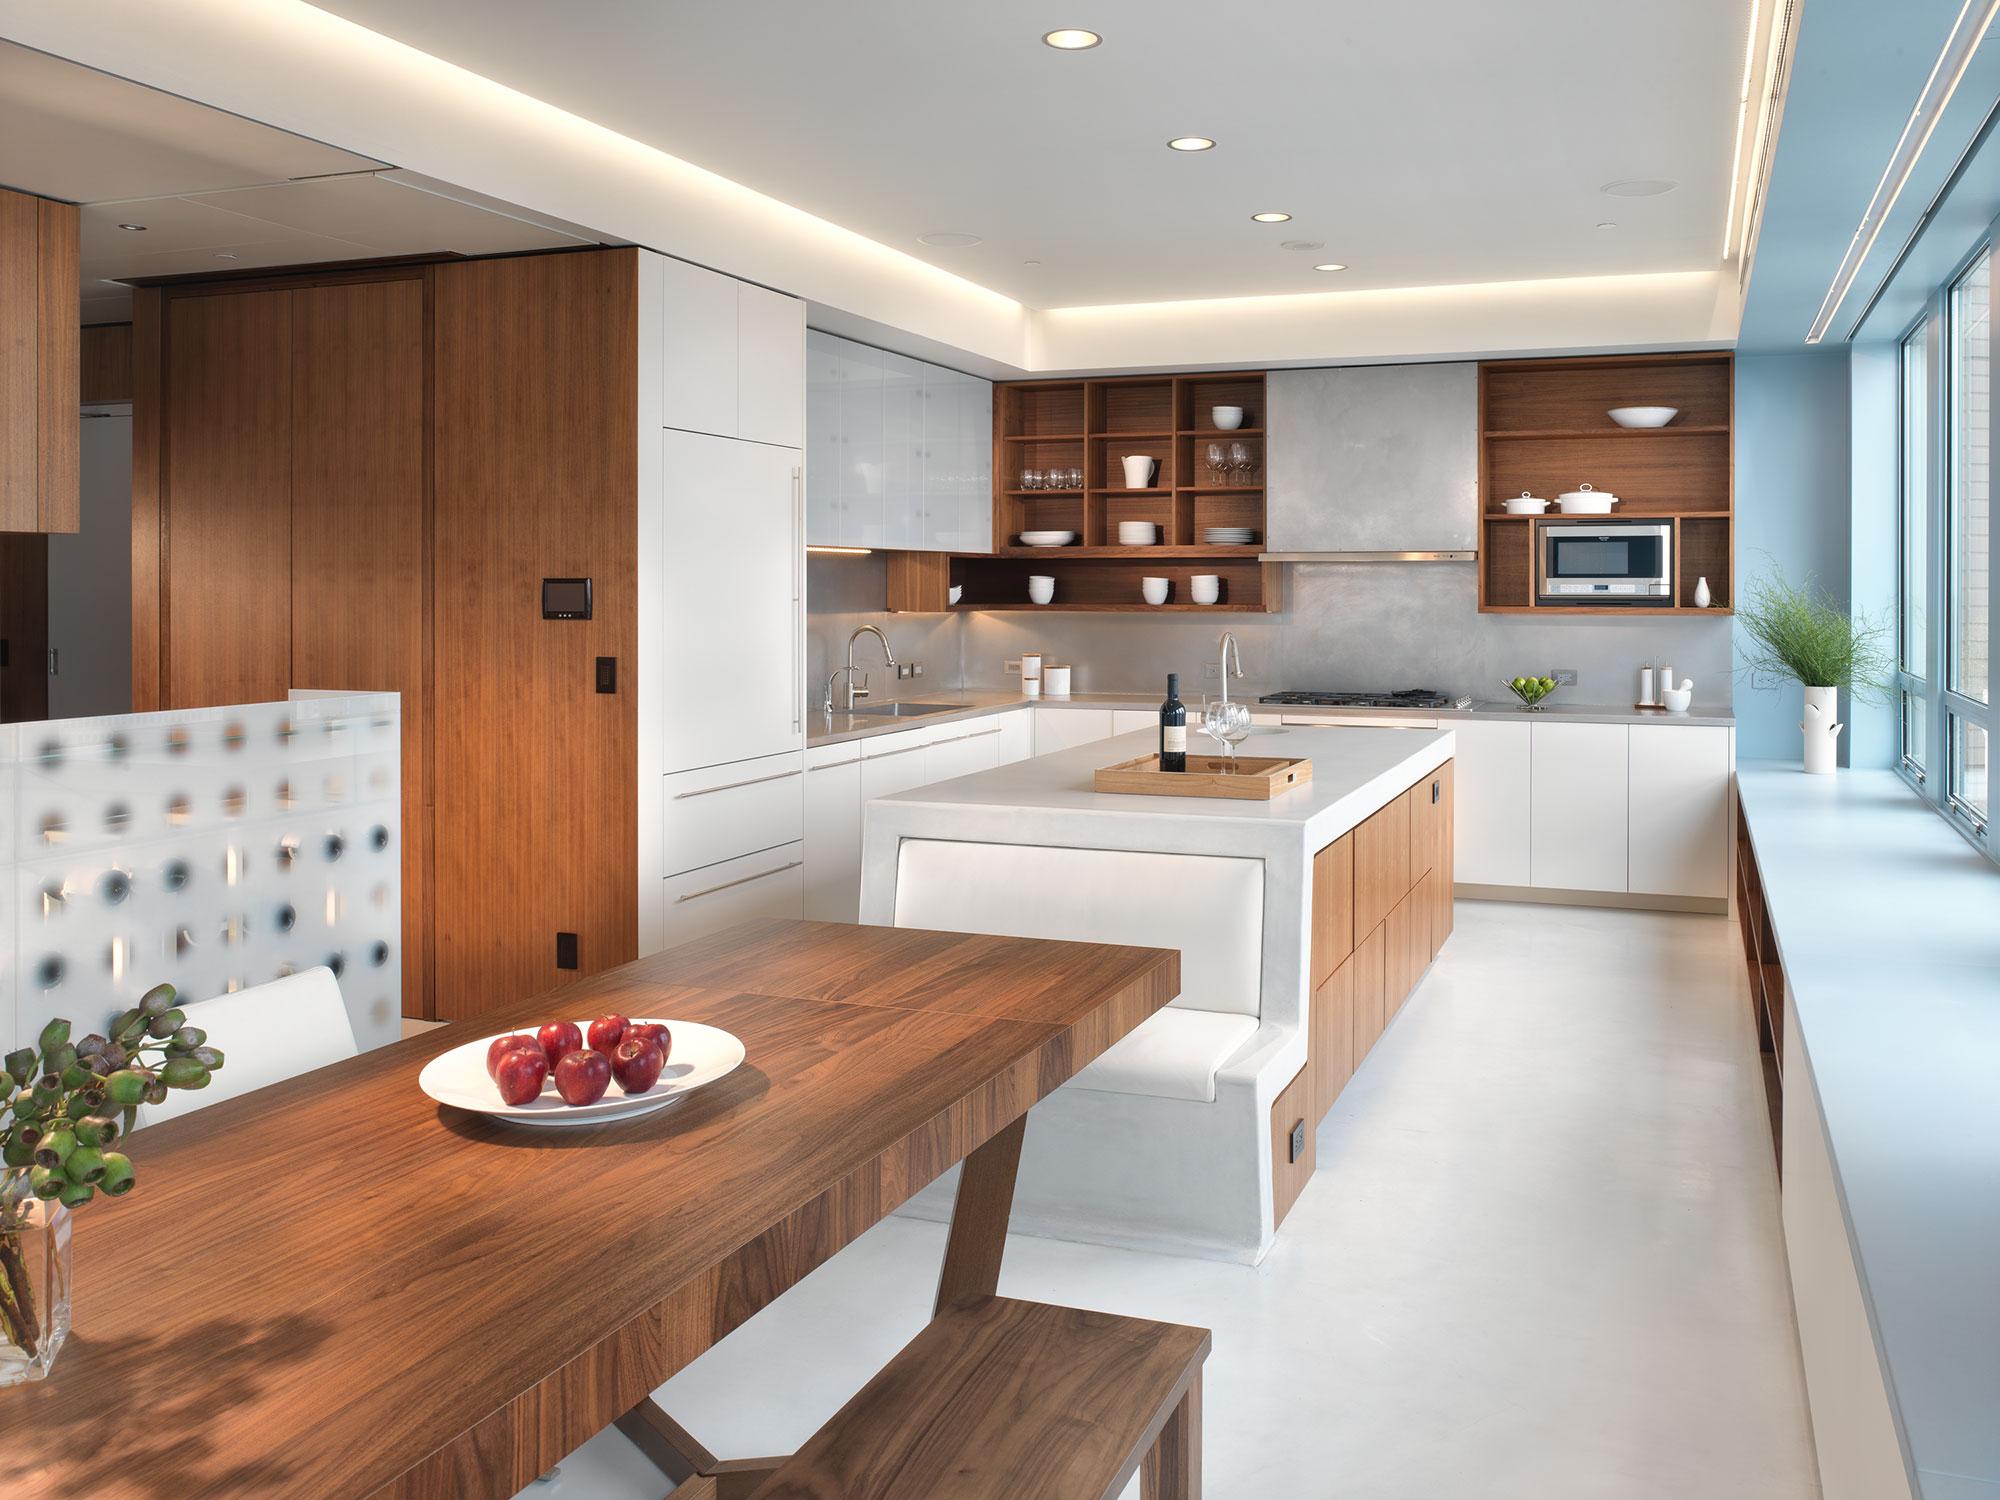 Мягкий диванчик в интерьере кухни